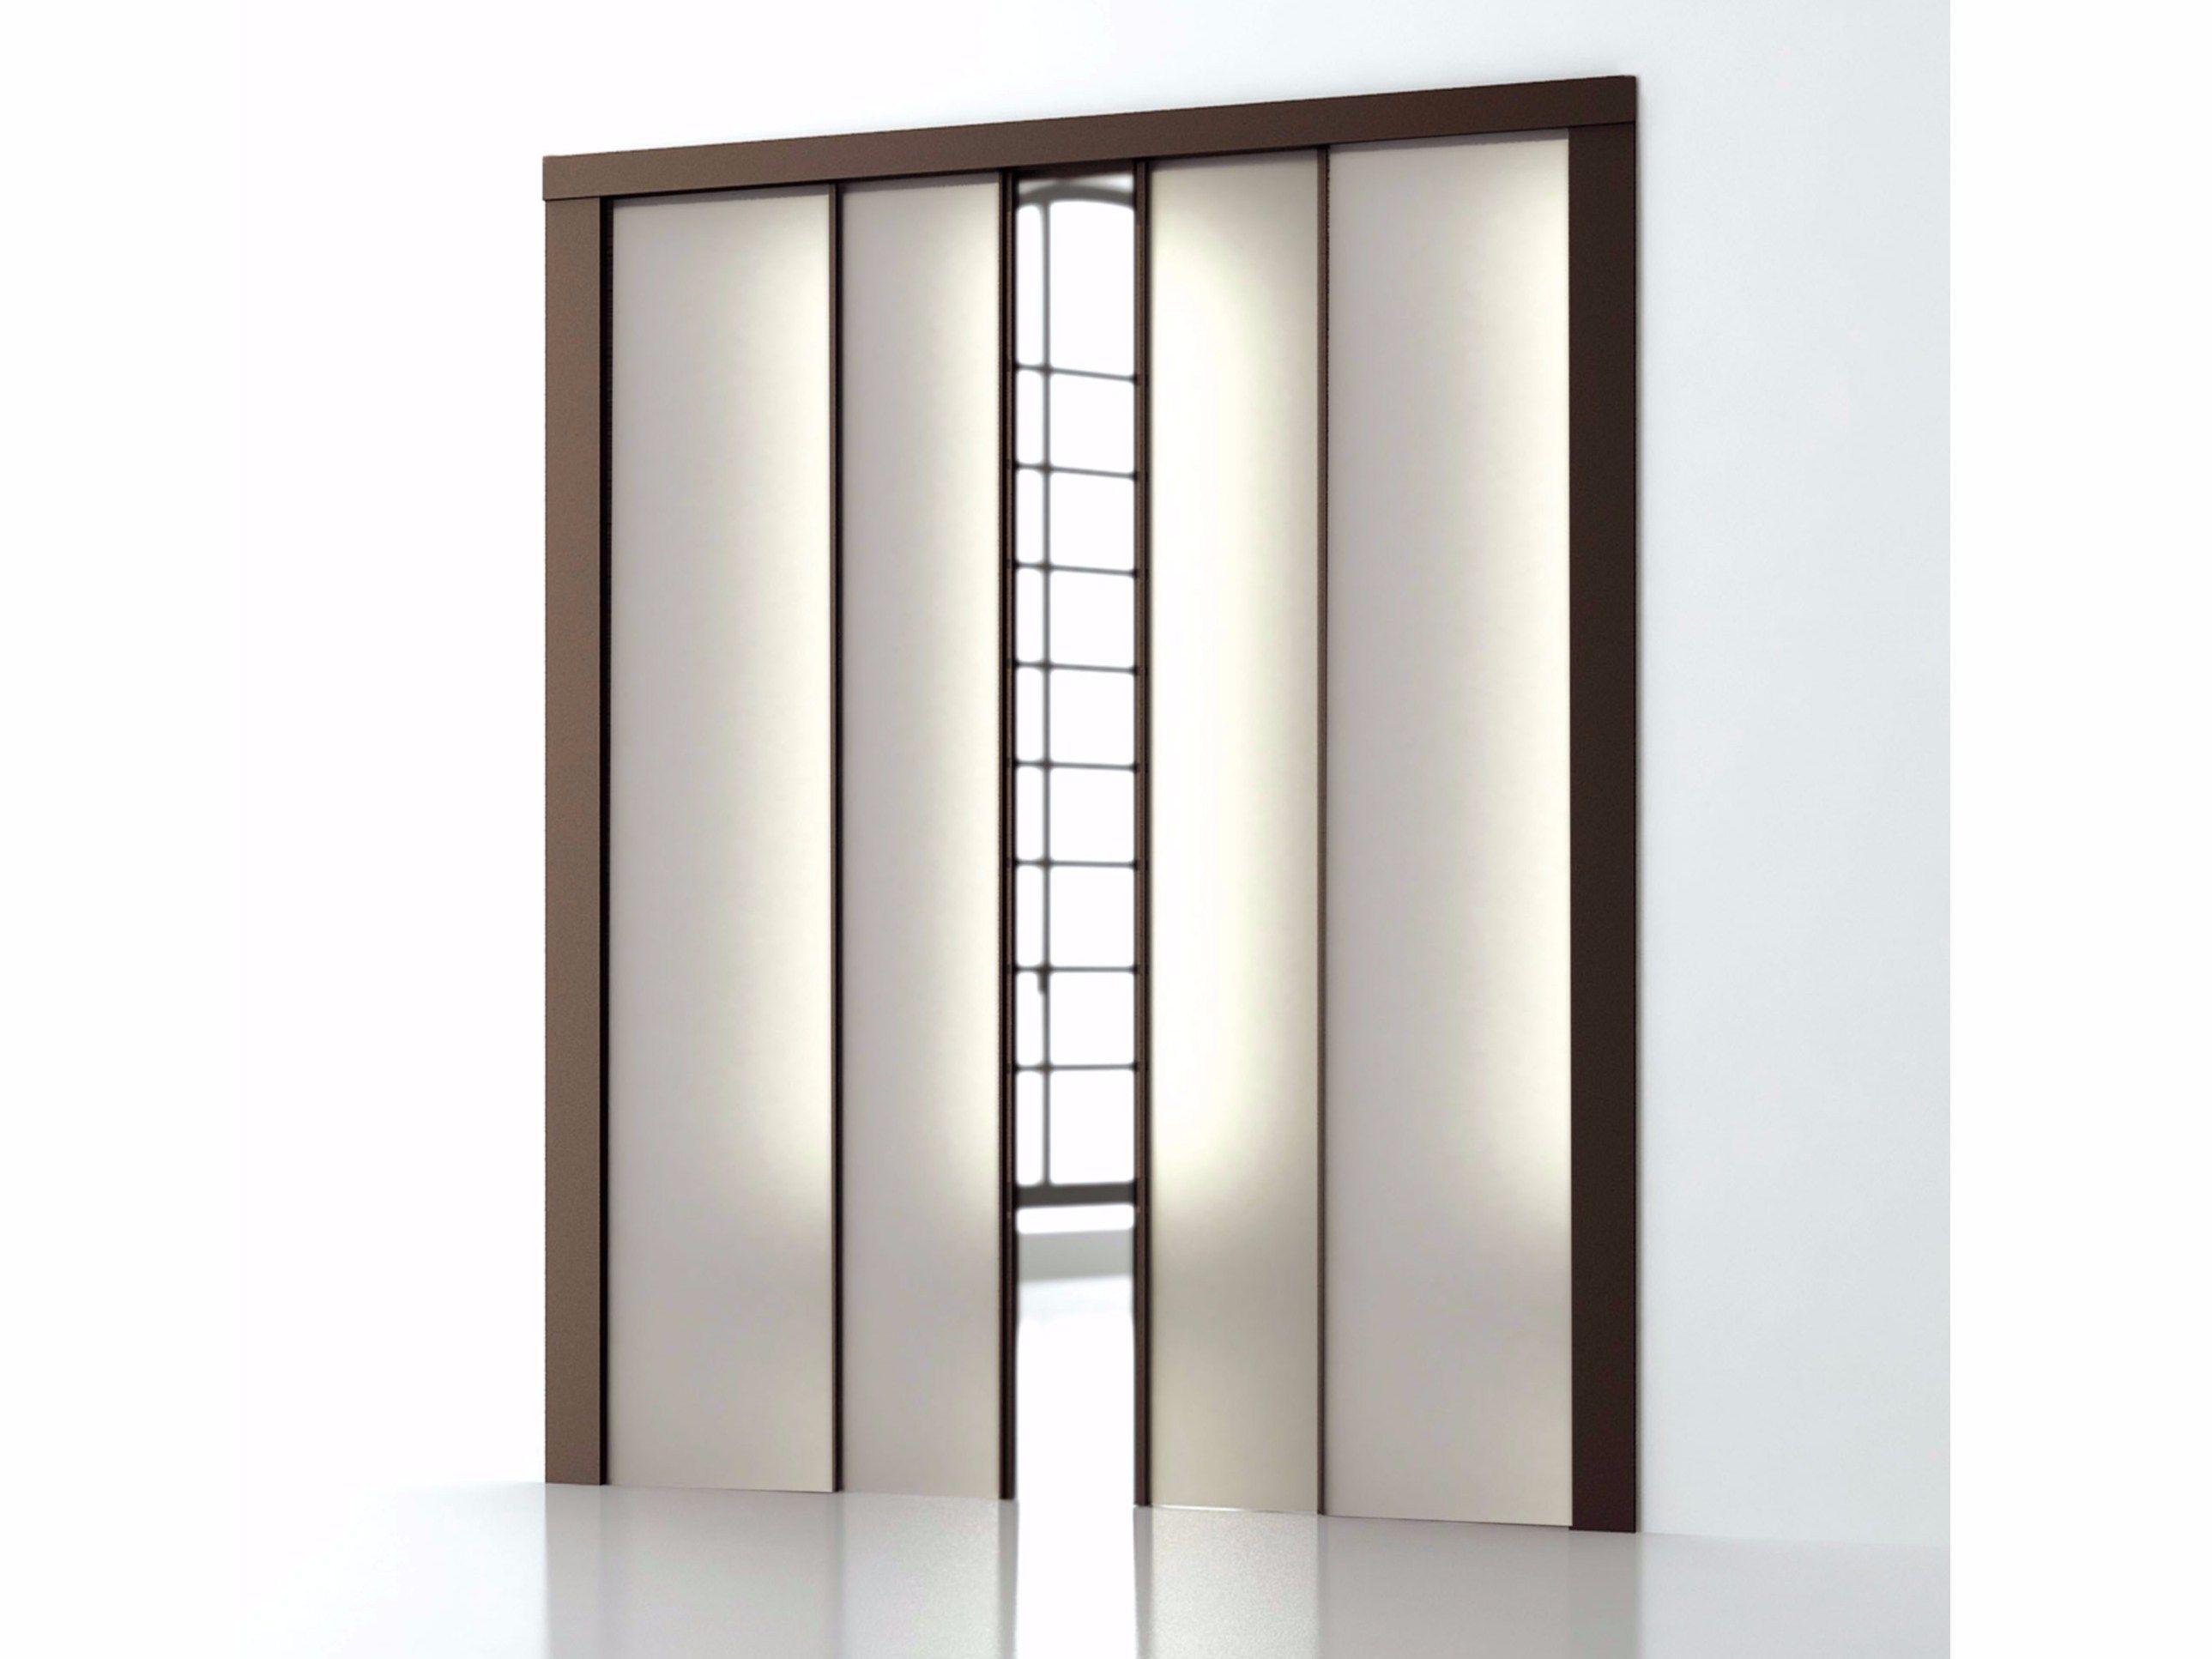 Precio Puertas Correderas Cristal 13710 Puertas Ideas ~ Precio Puerta Corredera Empotrada